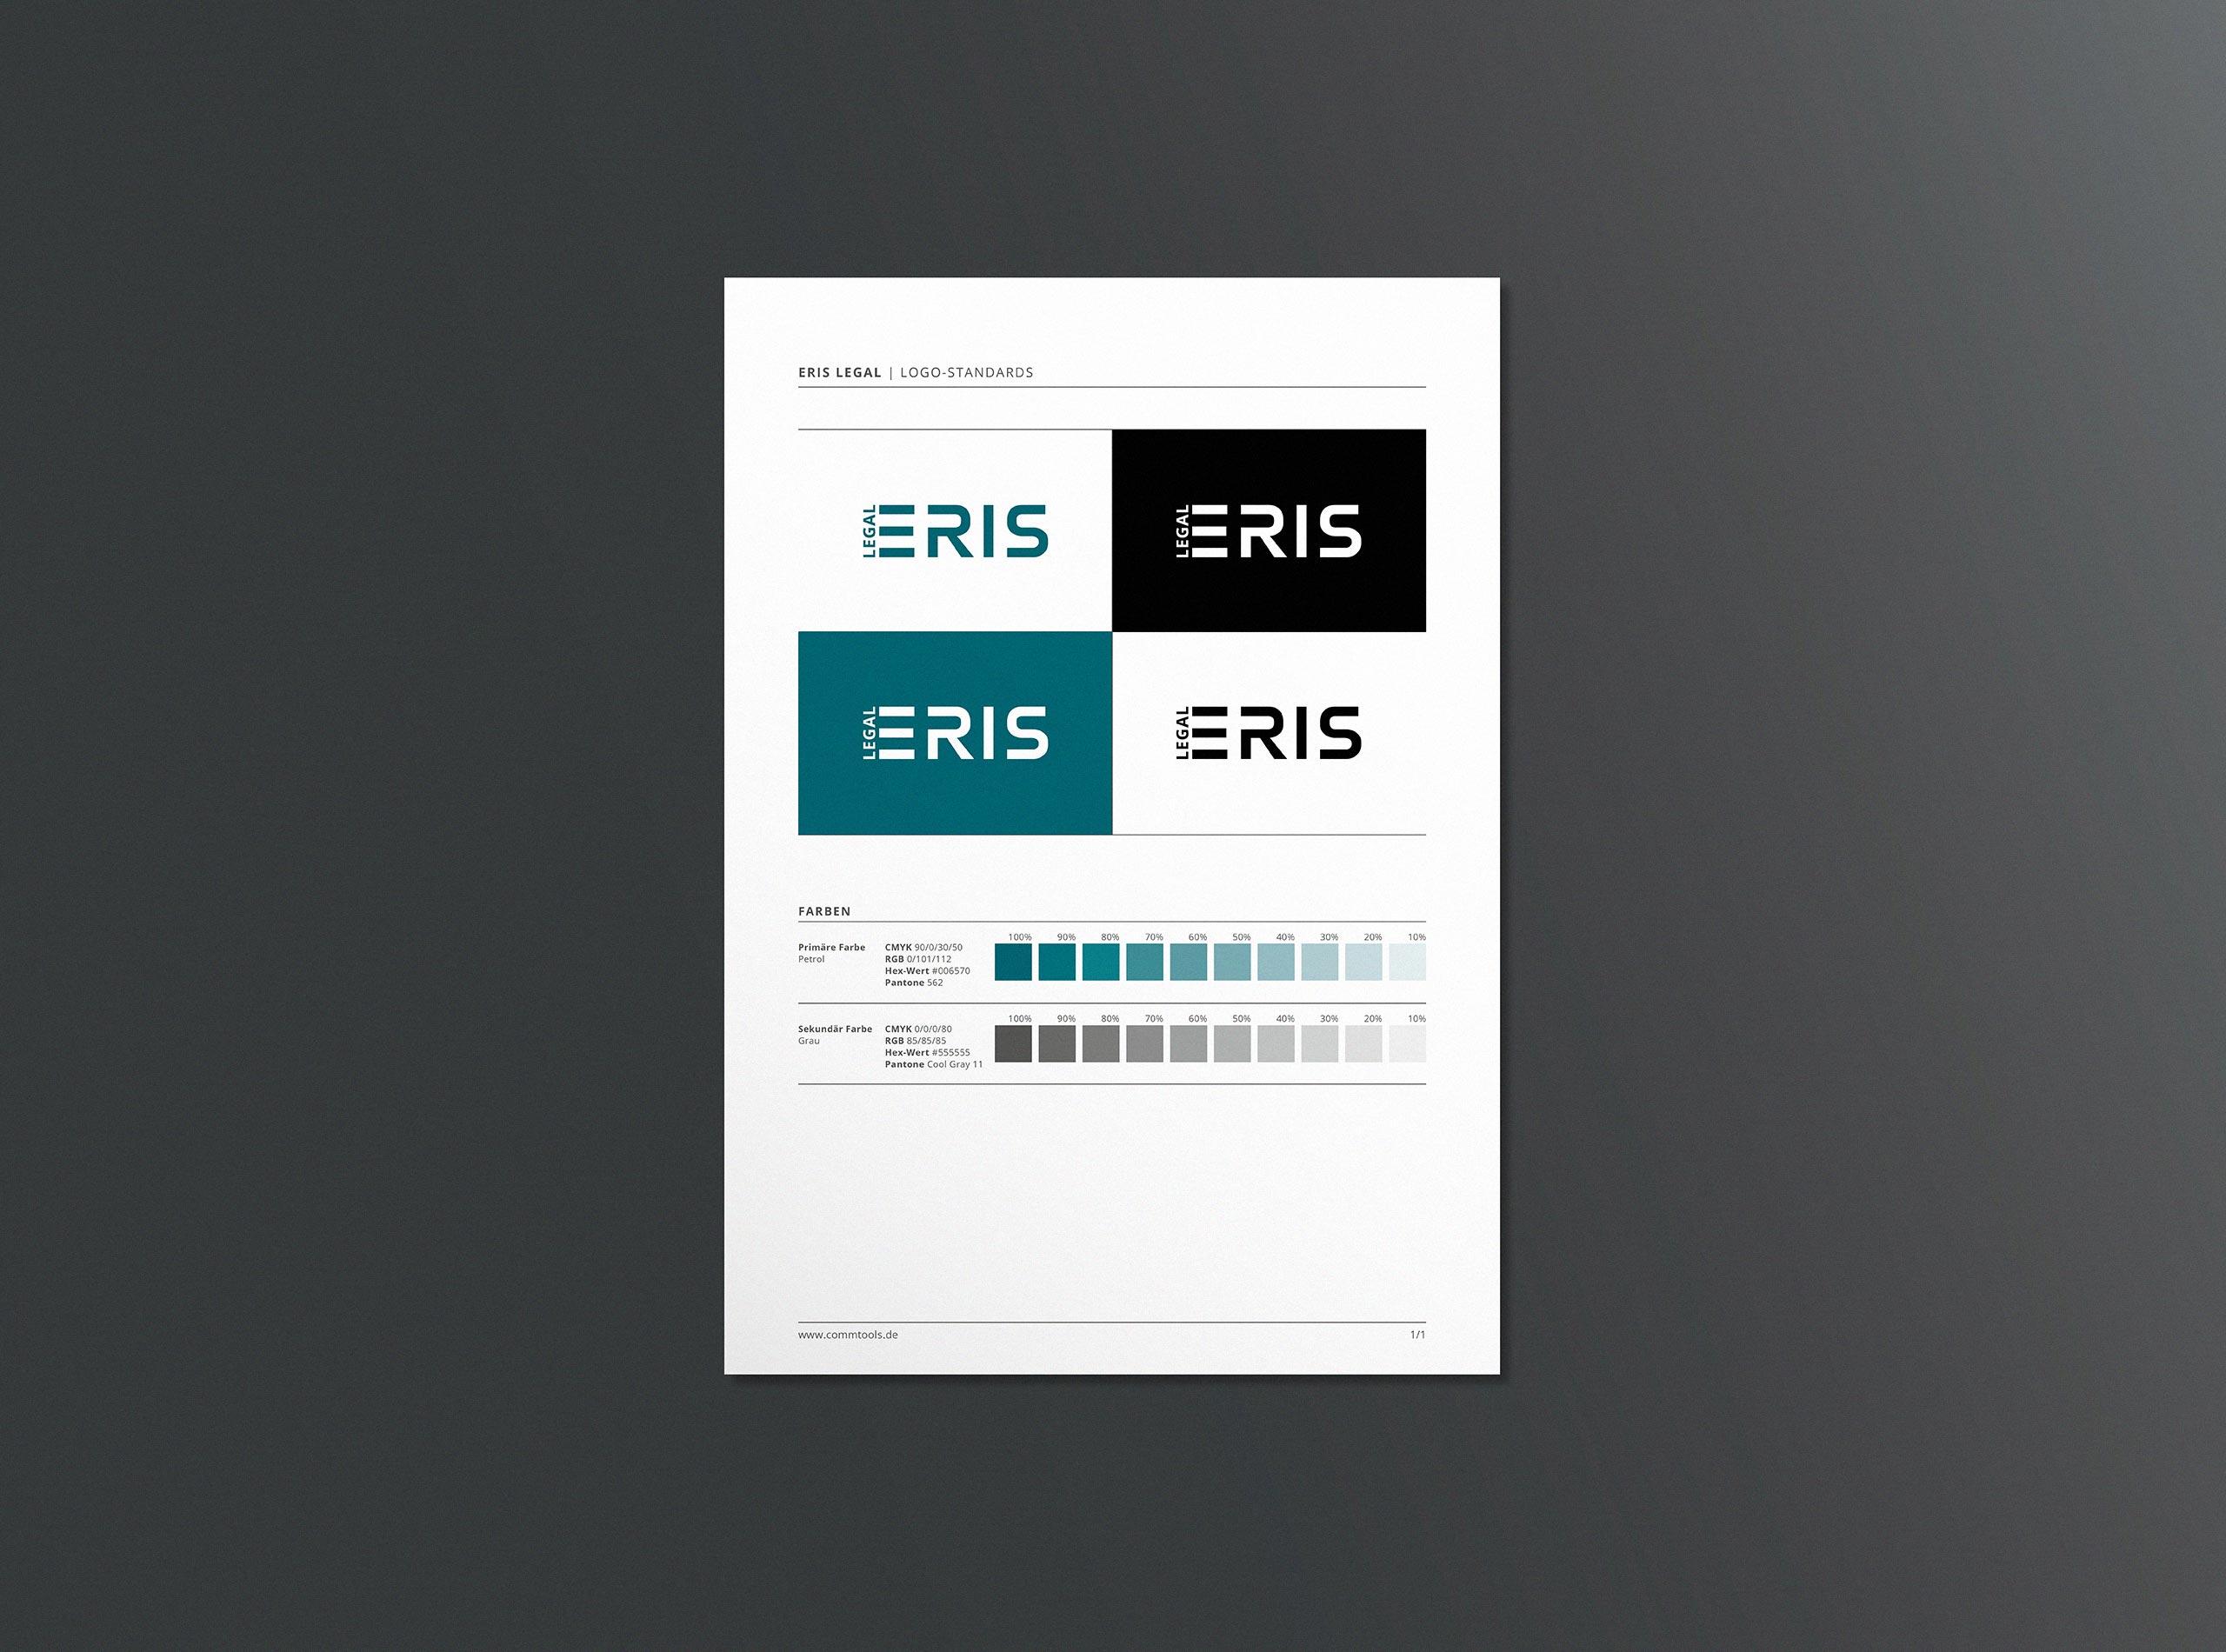 Wirtschaftskanzlei und Rechtsanwalt – Corporate Design Festlegung der Logostände und Farbwelt